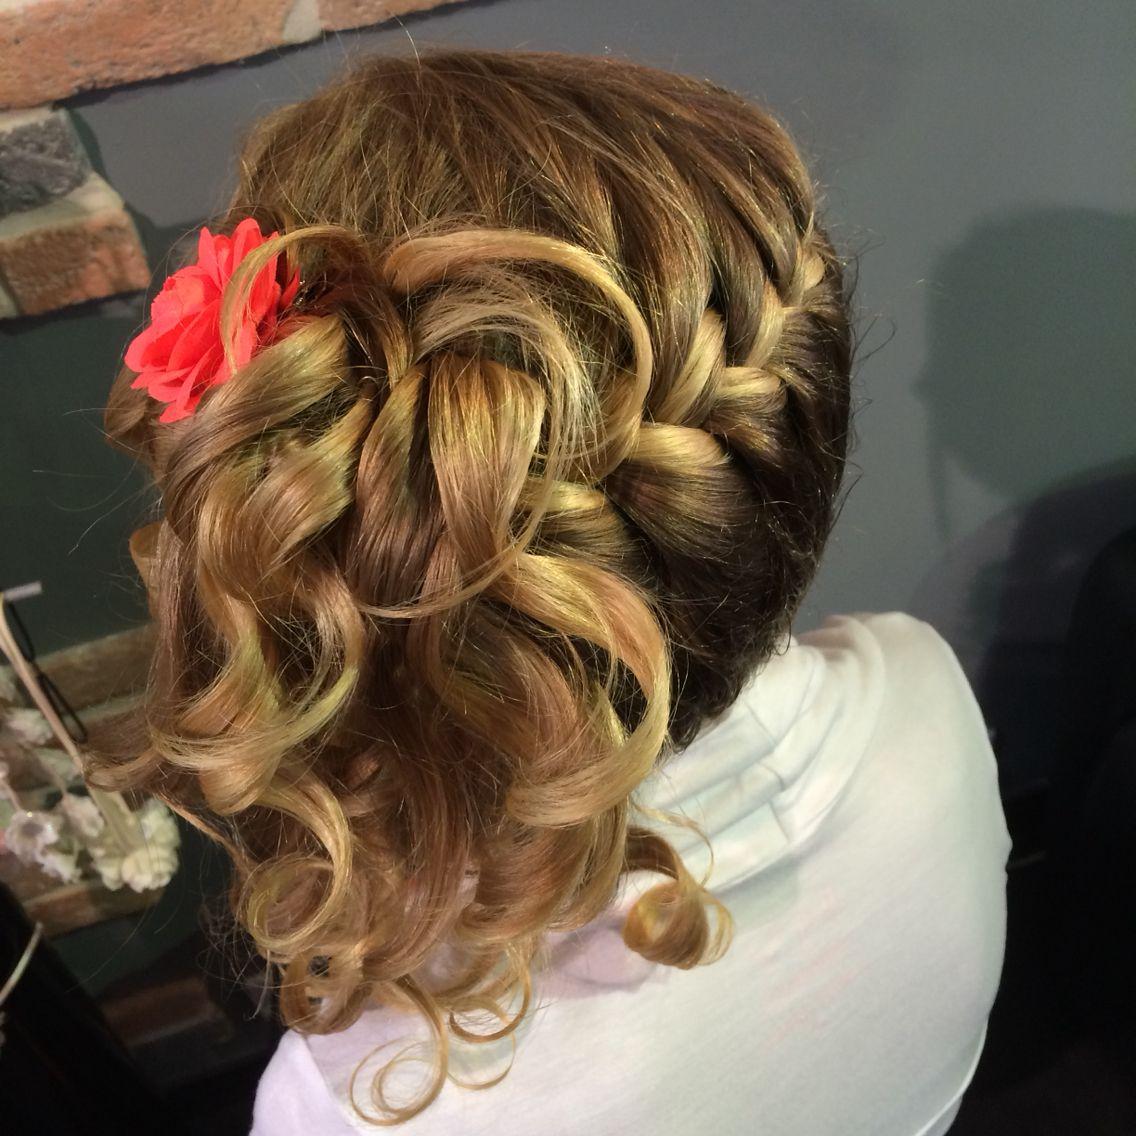 Coiffure enfant tresse et boucle coiffure chignon pinterest coiffure enfant tresser et - Coiffure enfant tresse ...